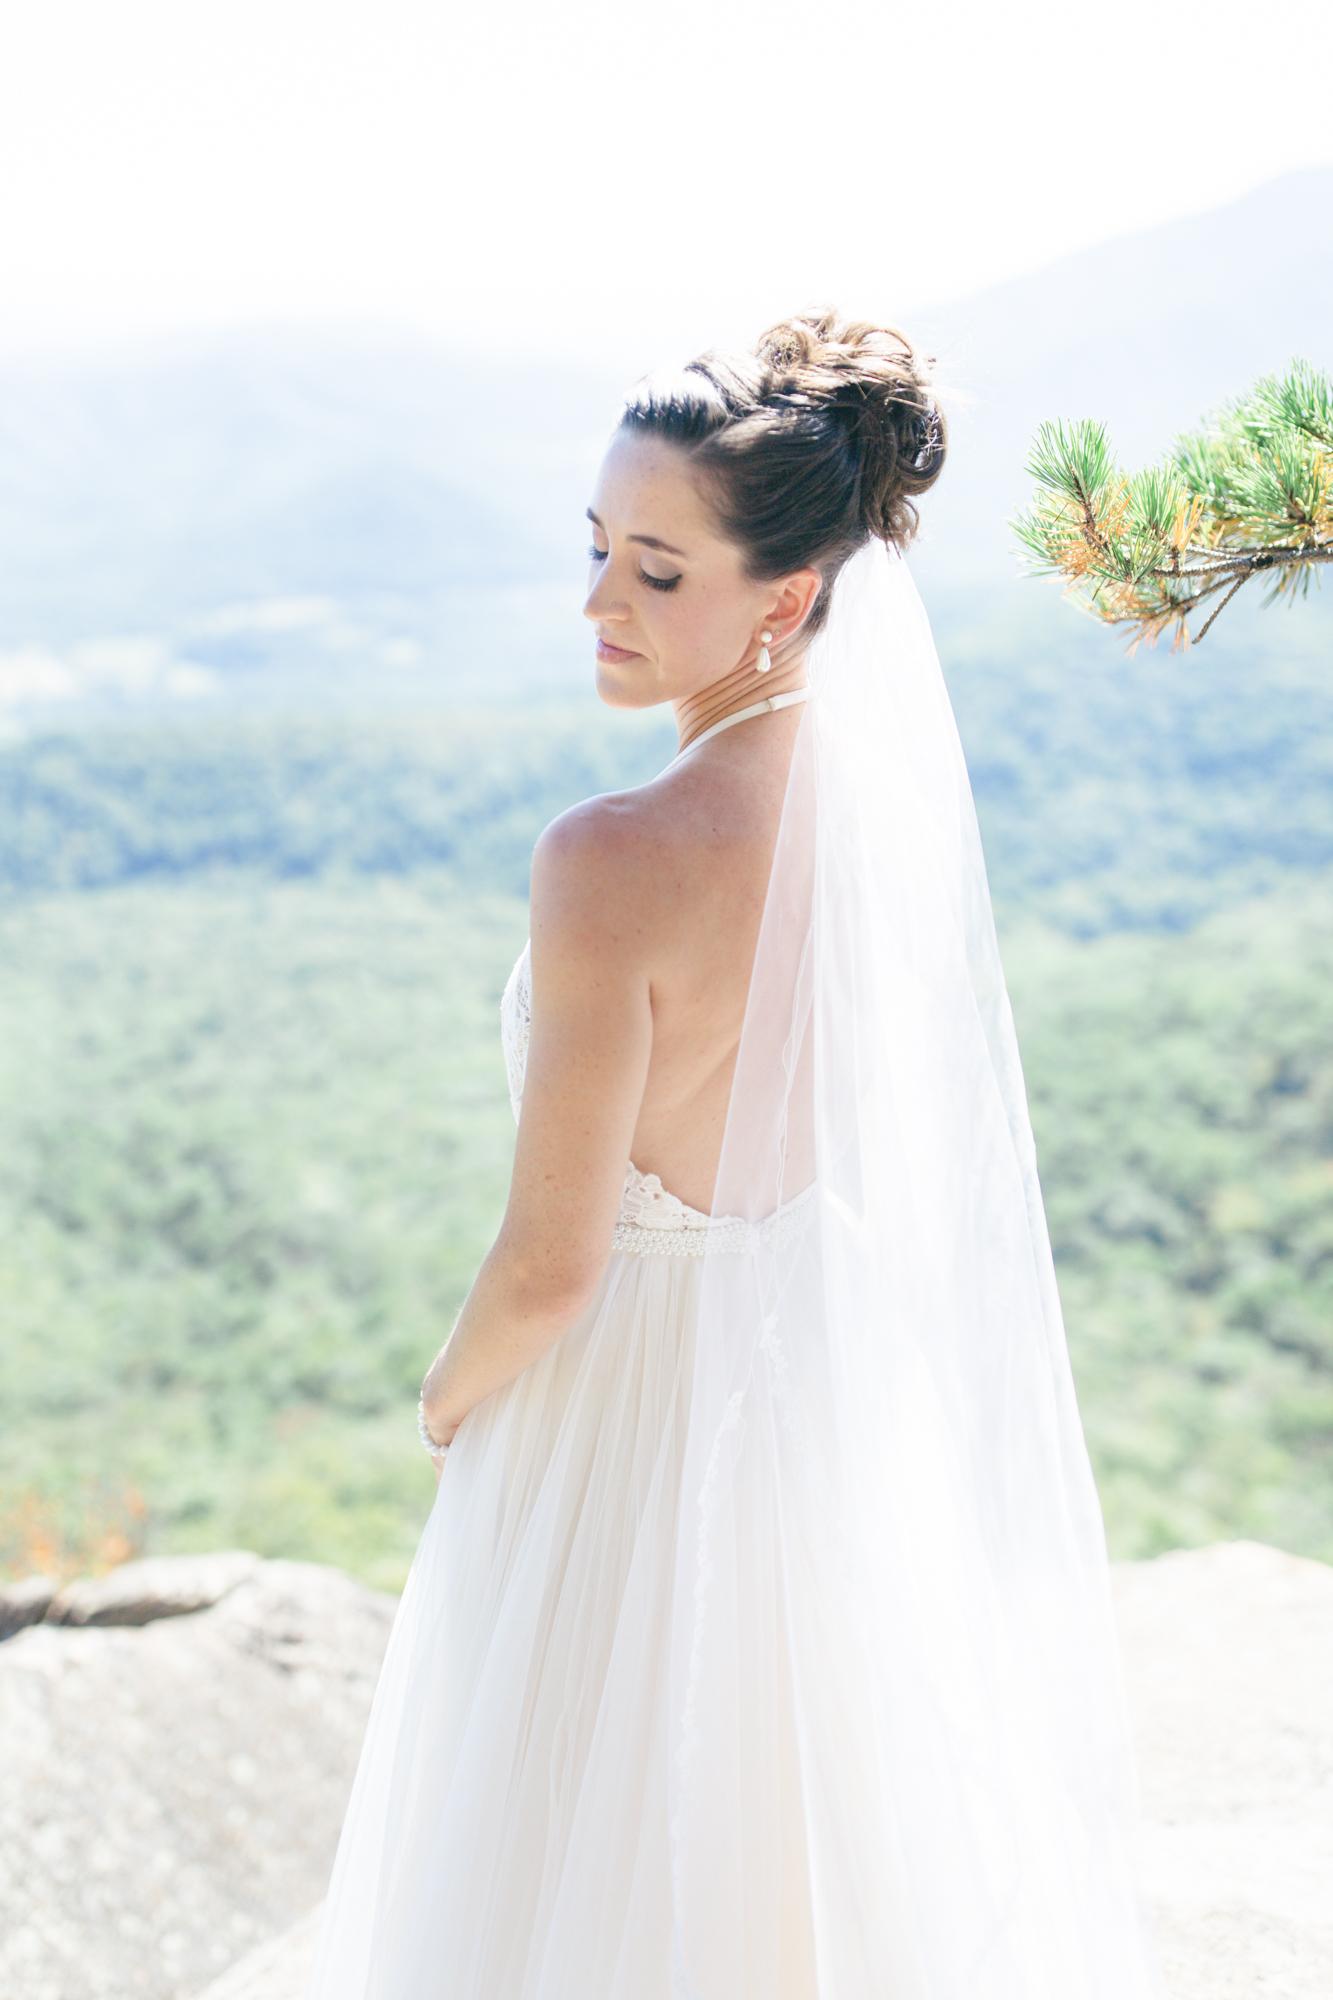 Wintergreen Resort Wedding | Maral Noori Photography | Charlottesville Virginia Wedding Photographer | Bhldn Josie Gown